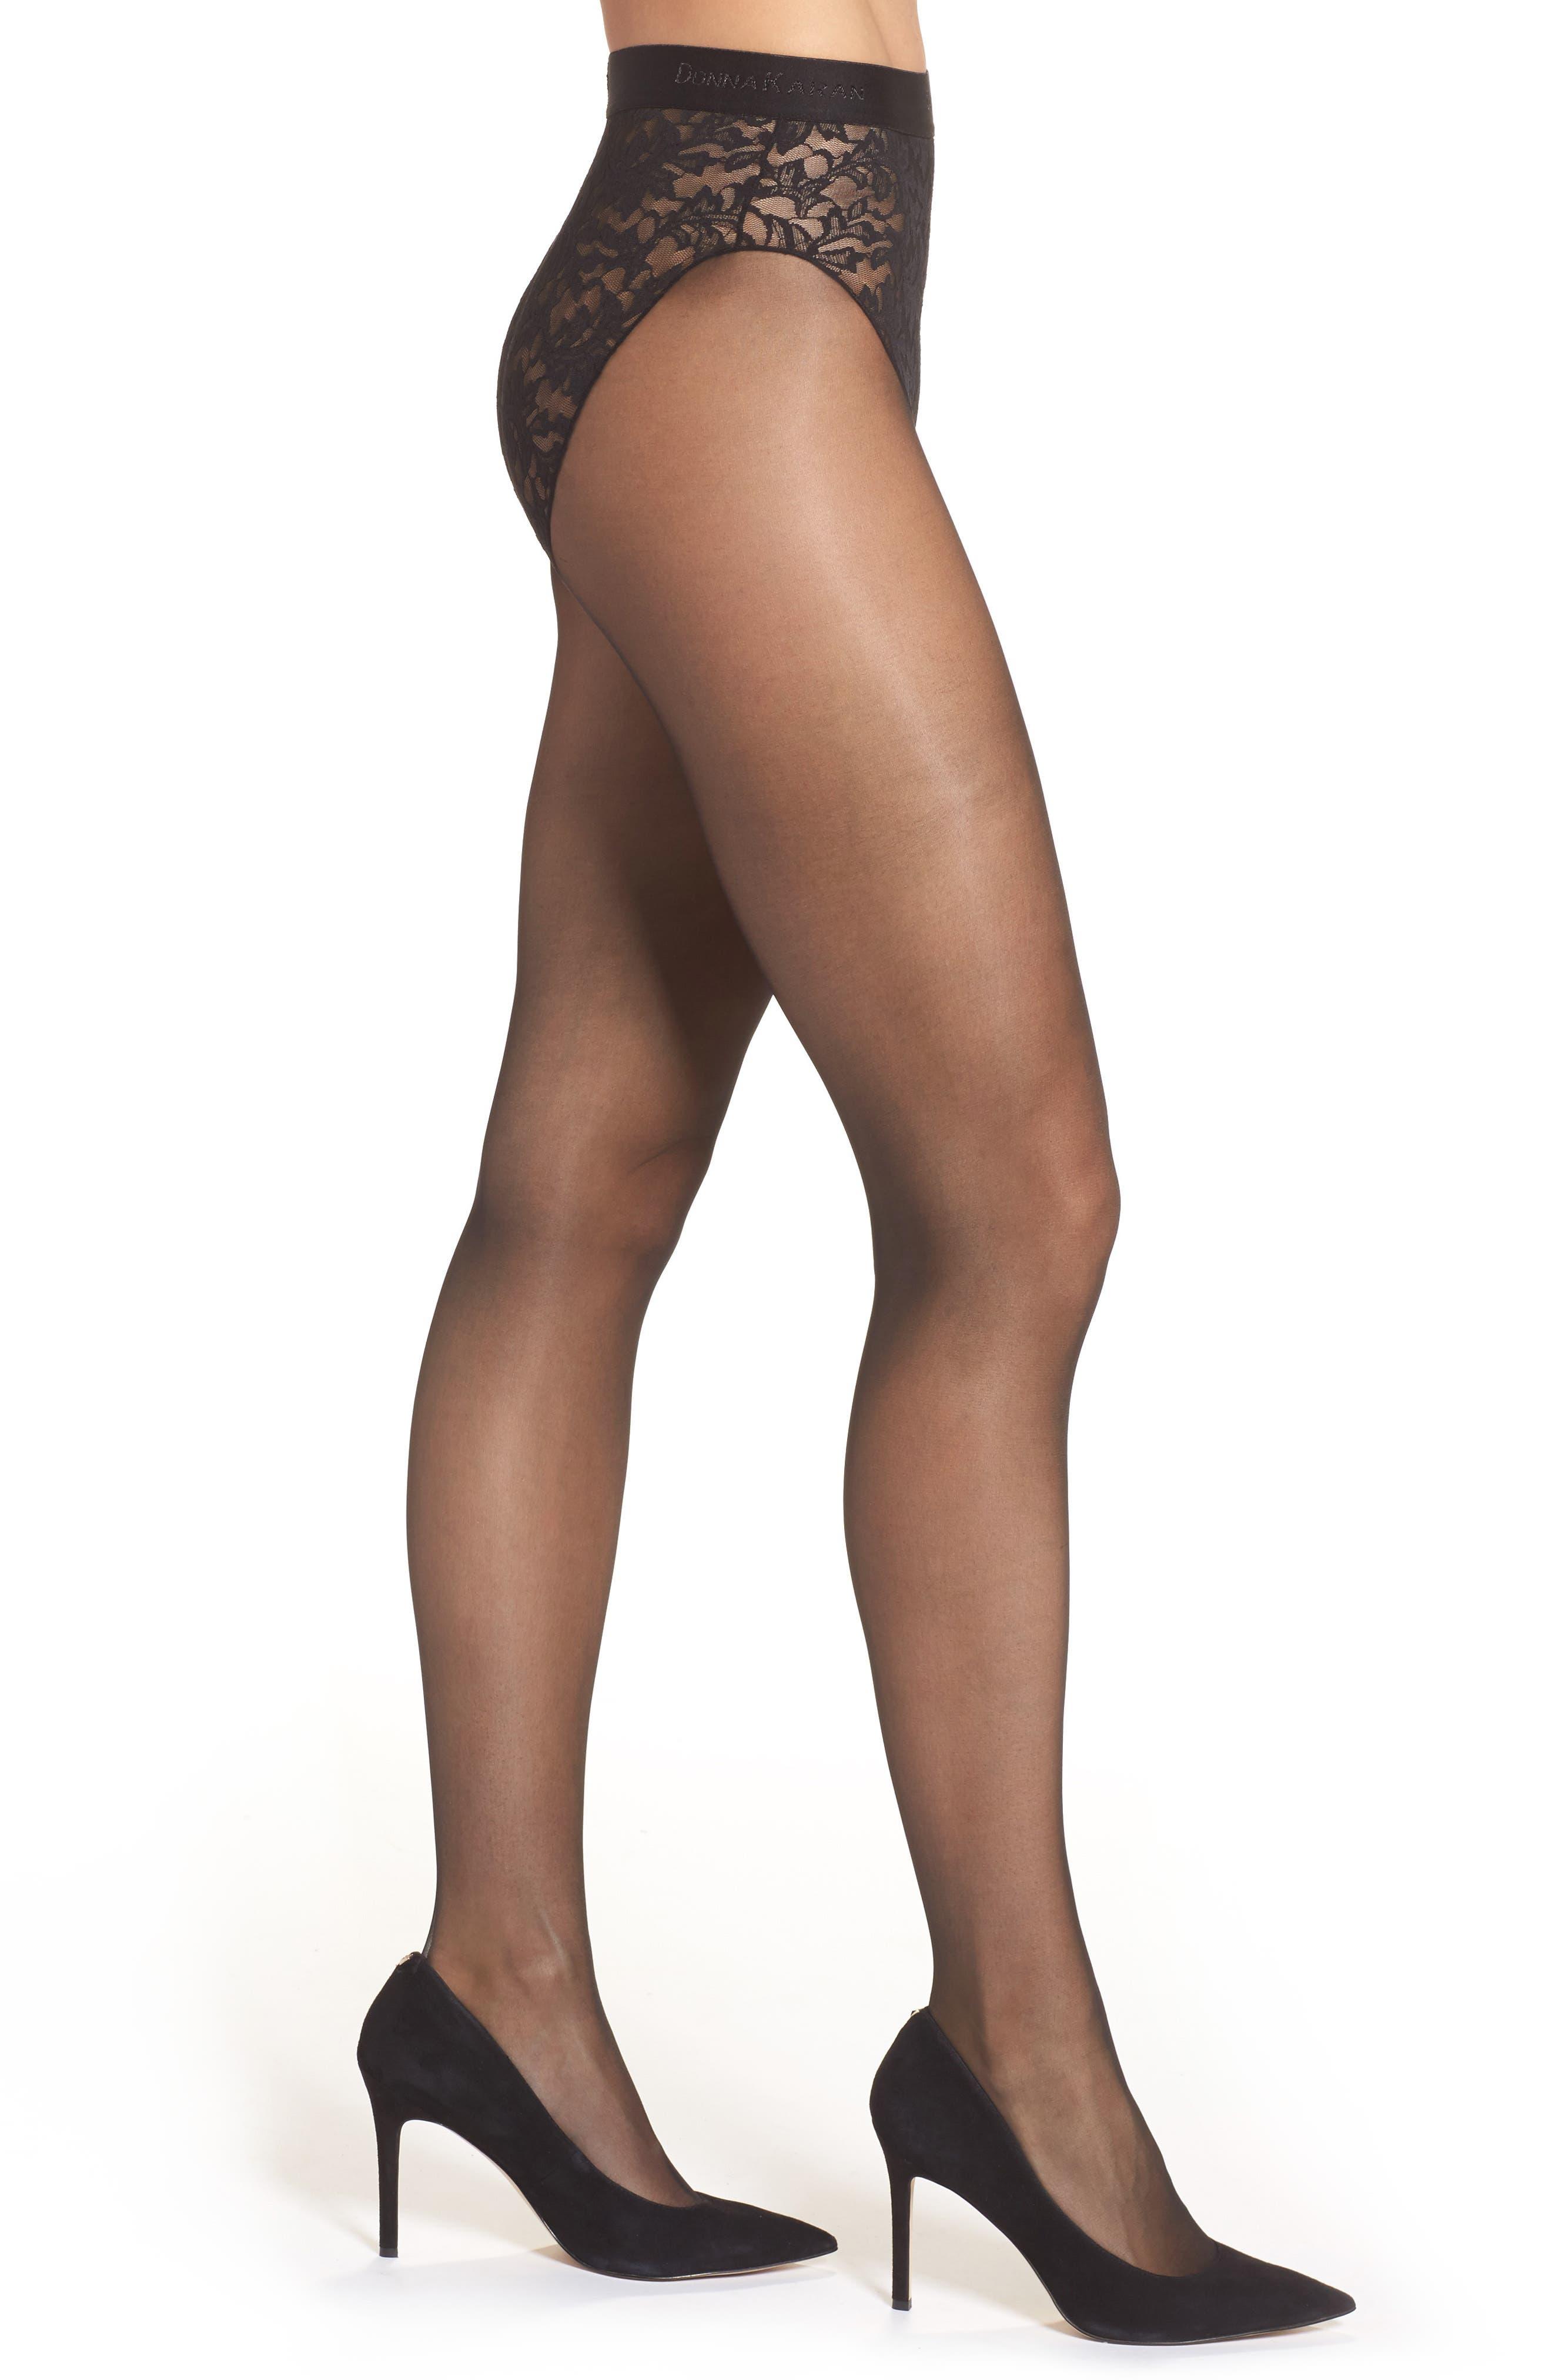 Donna Karan Signature Lace Panty Control Top Pantyhose